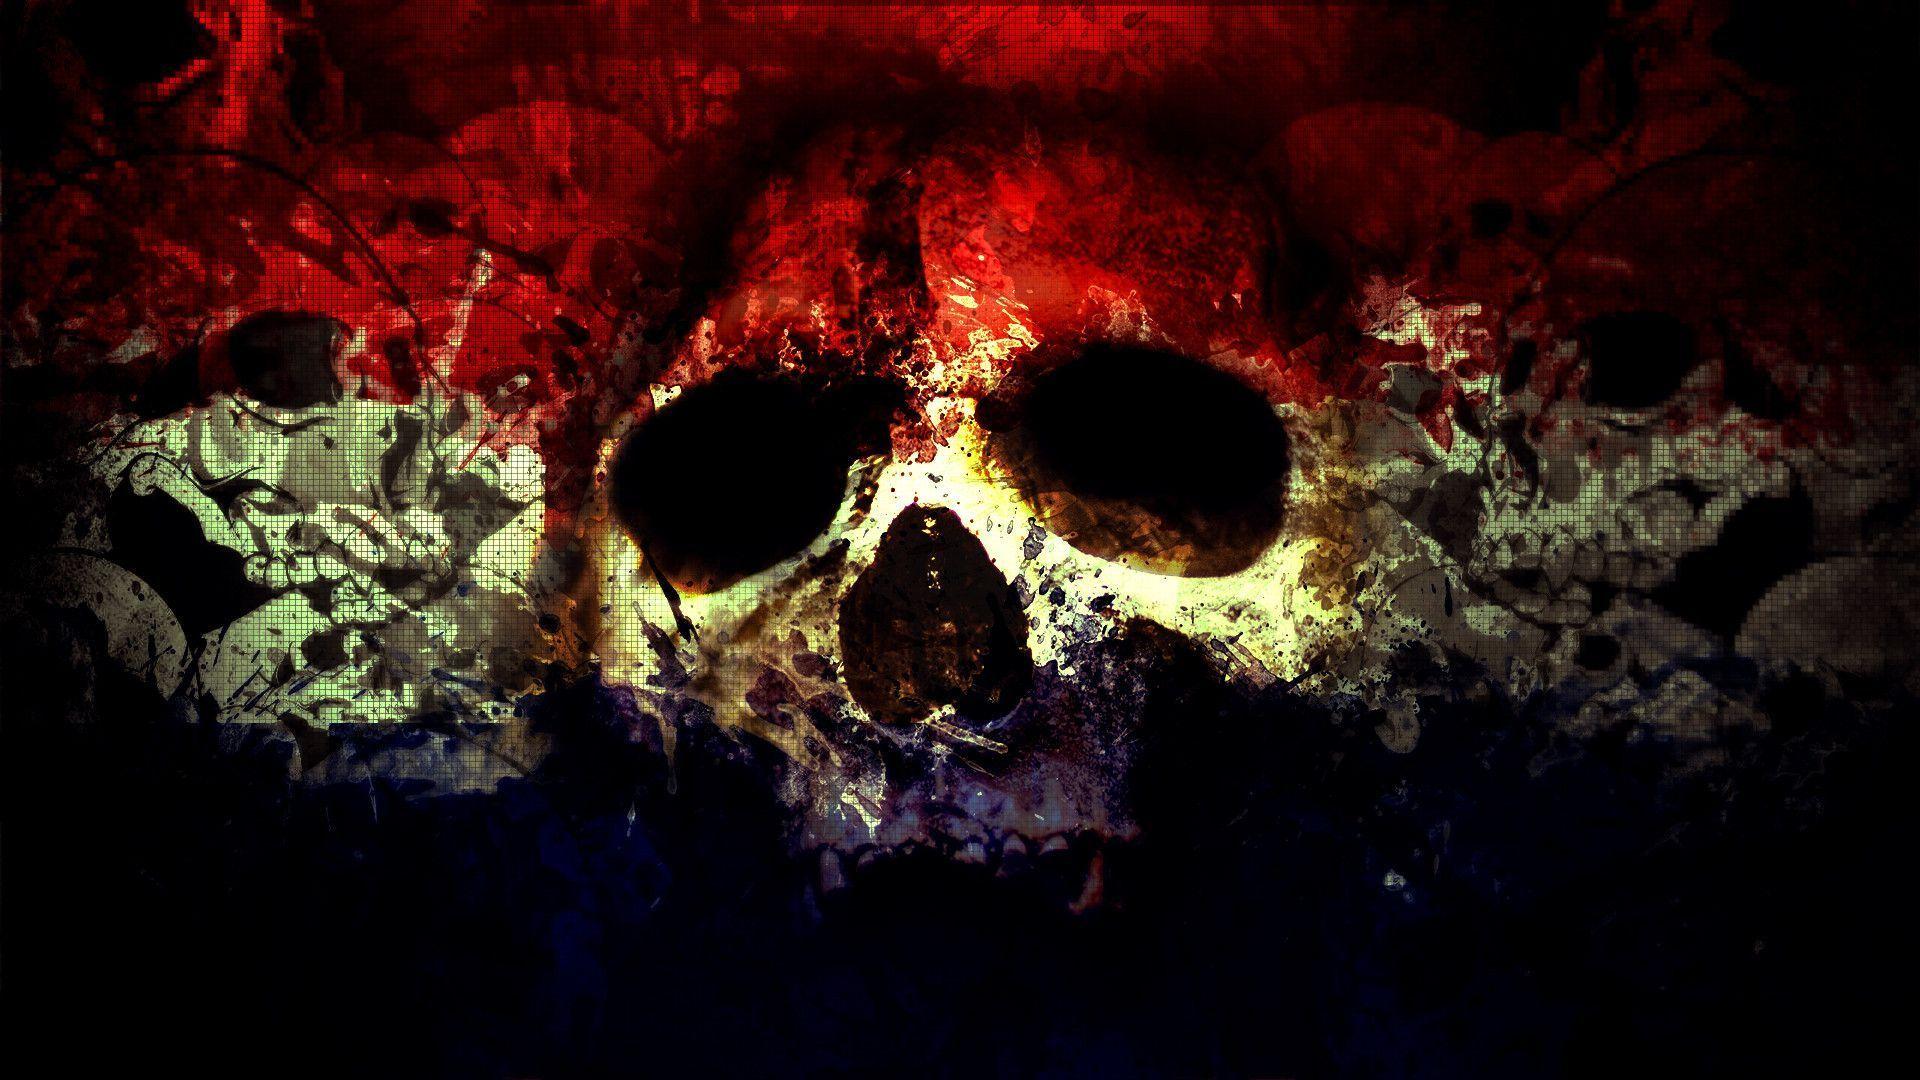 Skull Wallpapers Wallpaper Hd Wallpapers Skull Wallpaper Skull